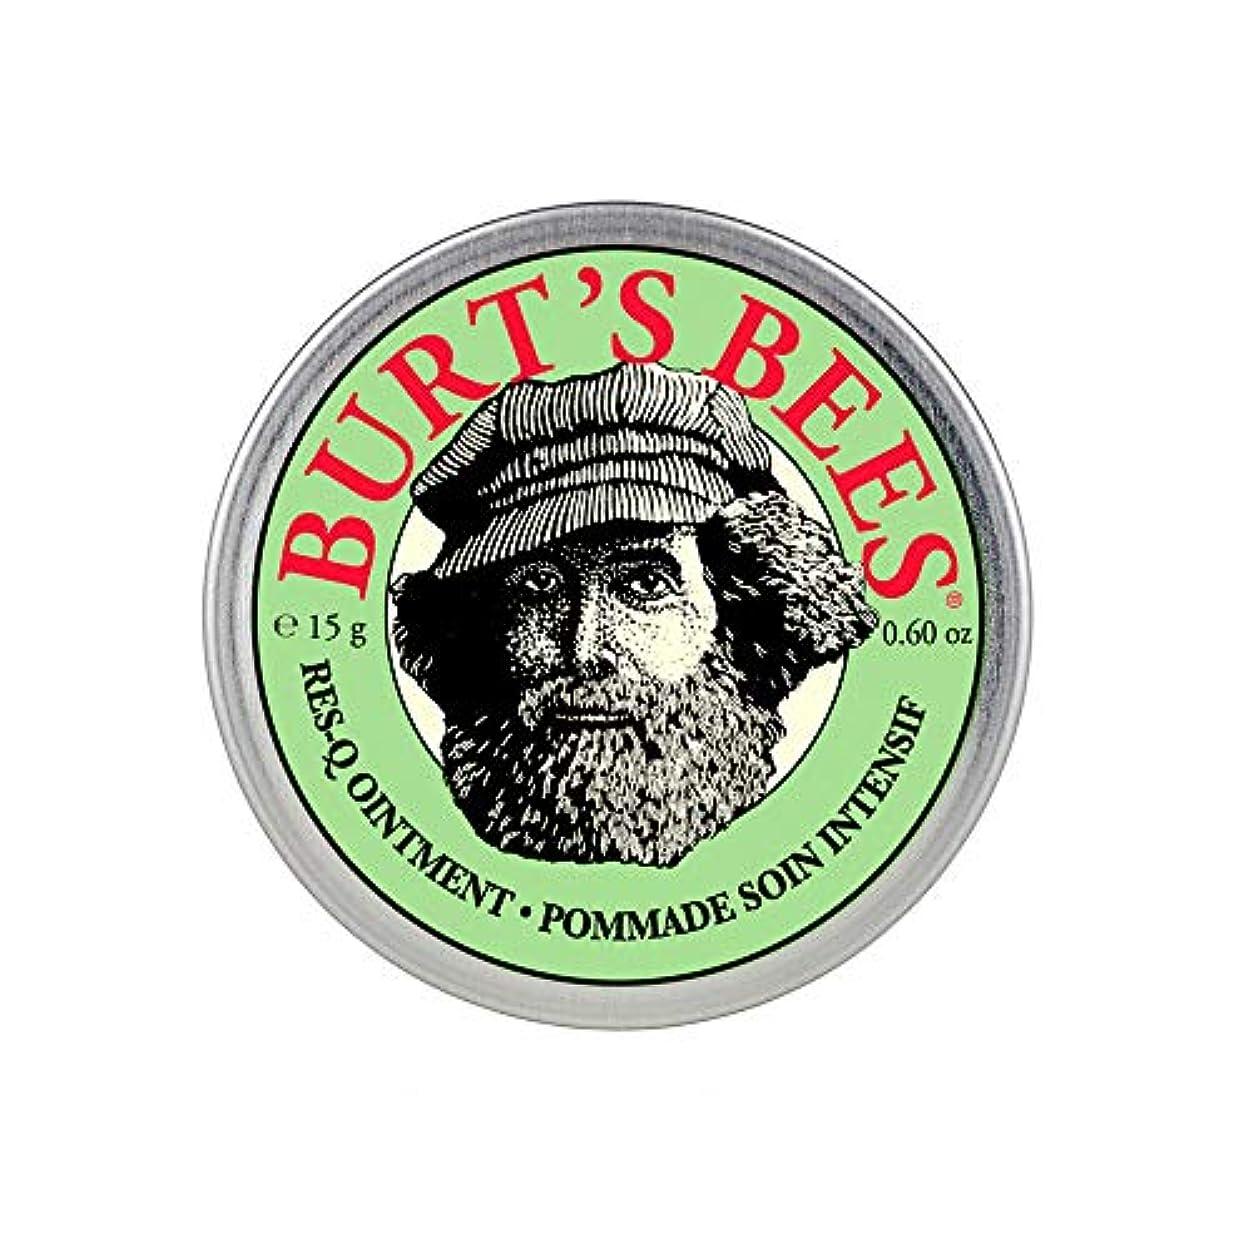 大声でビバ均等にバーツビーズ(Burt's Bees) レスキュー オイントメント 15g [100%ナチュラル、軟膏] [海外直送][並行輸入品]